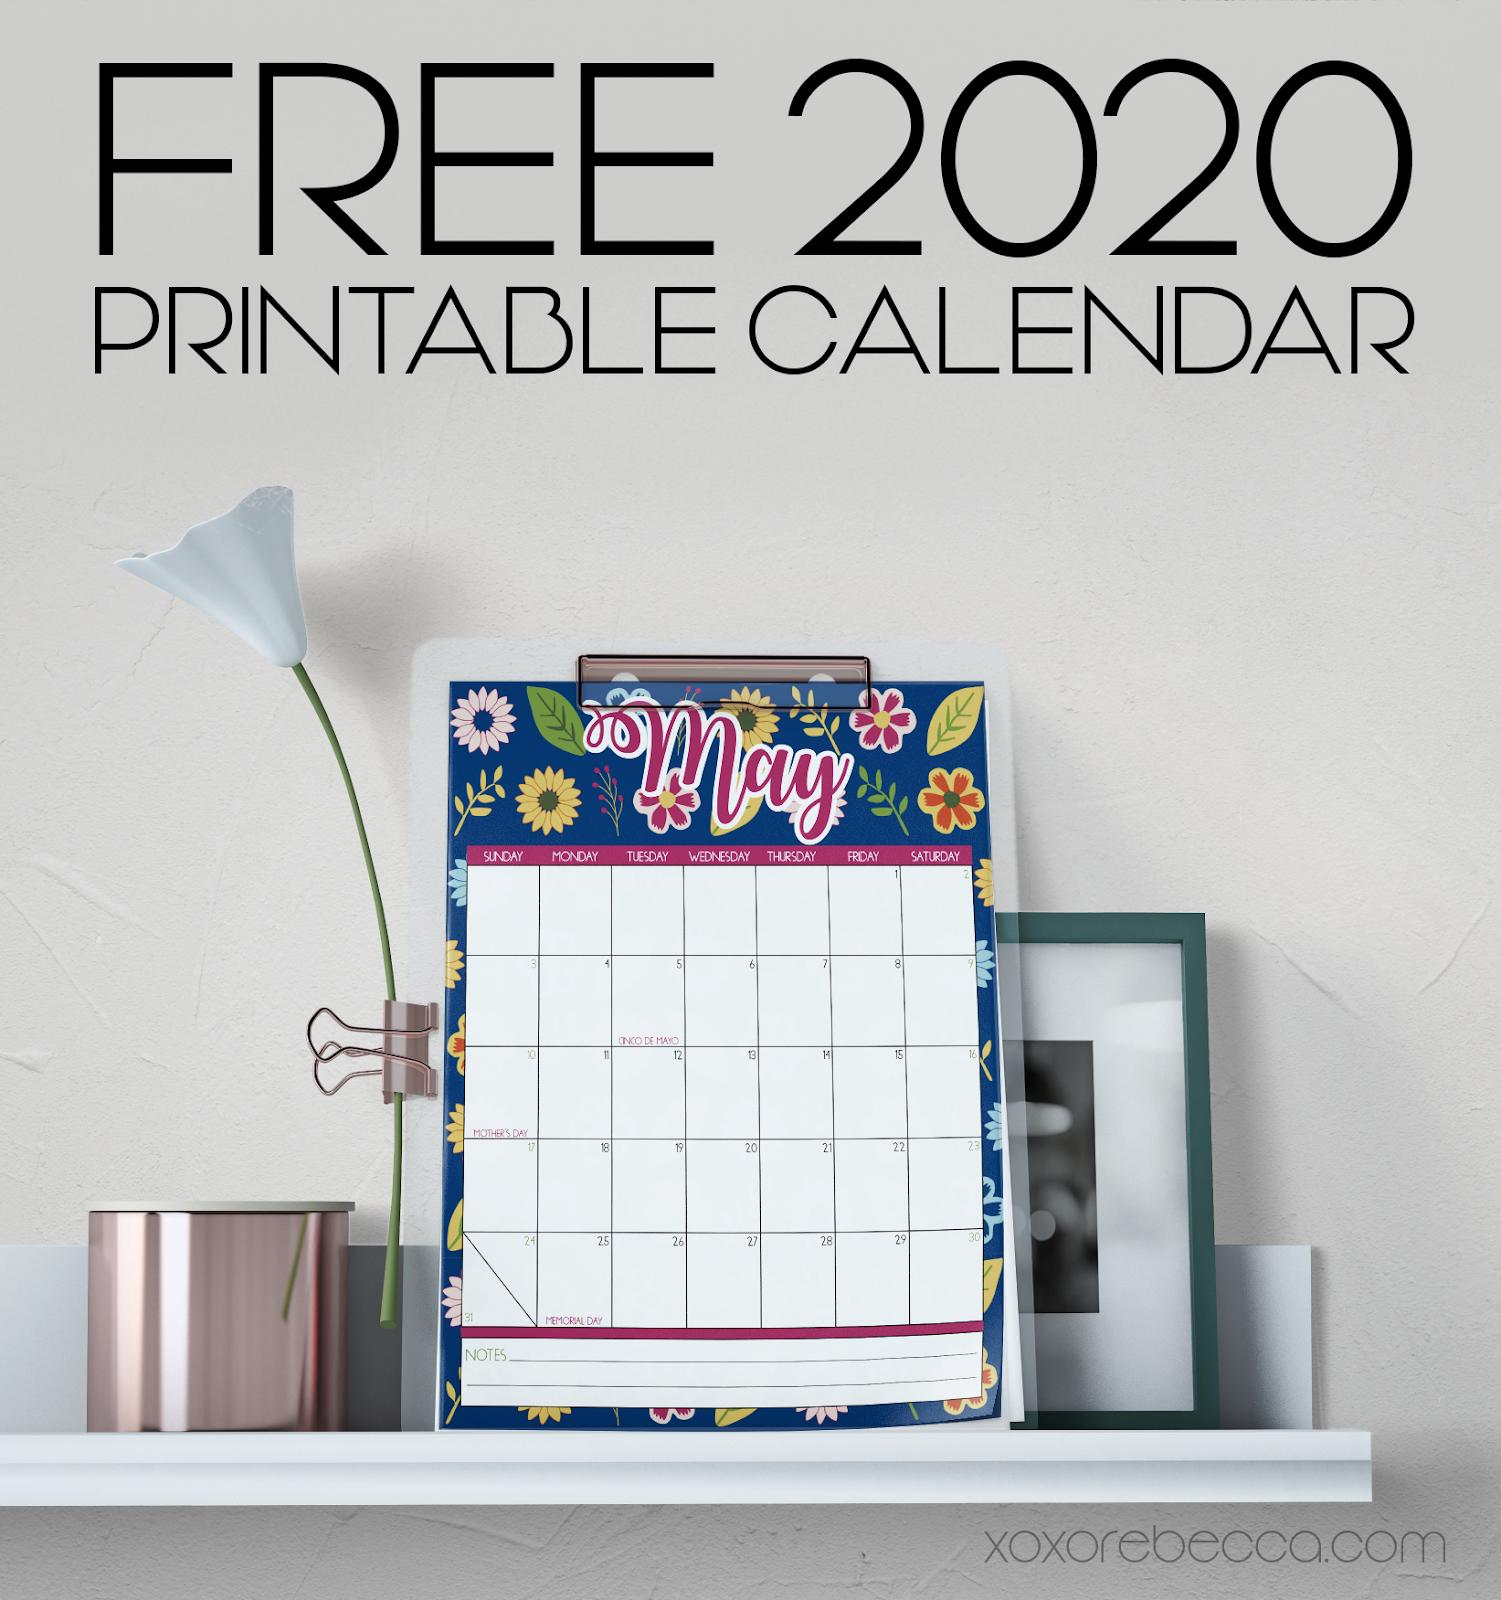 Free Printable 2020 Calendar from xoxo Rebecca